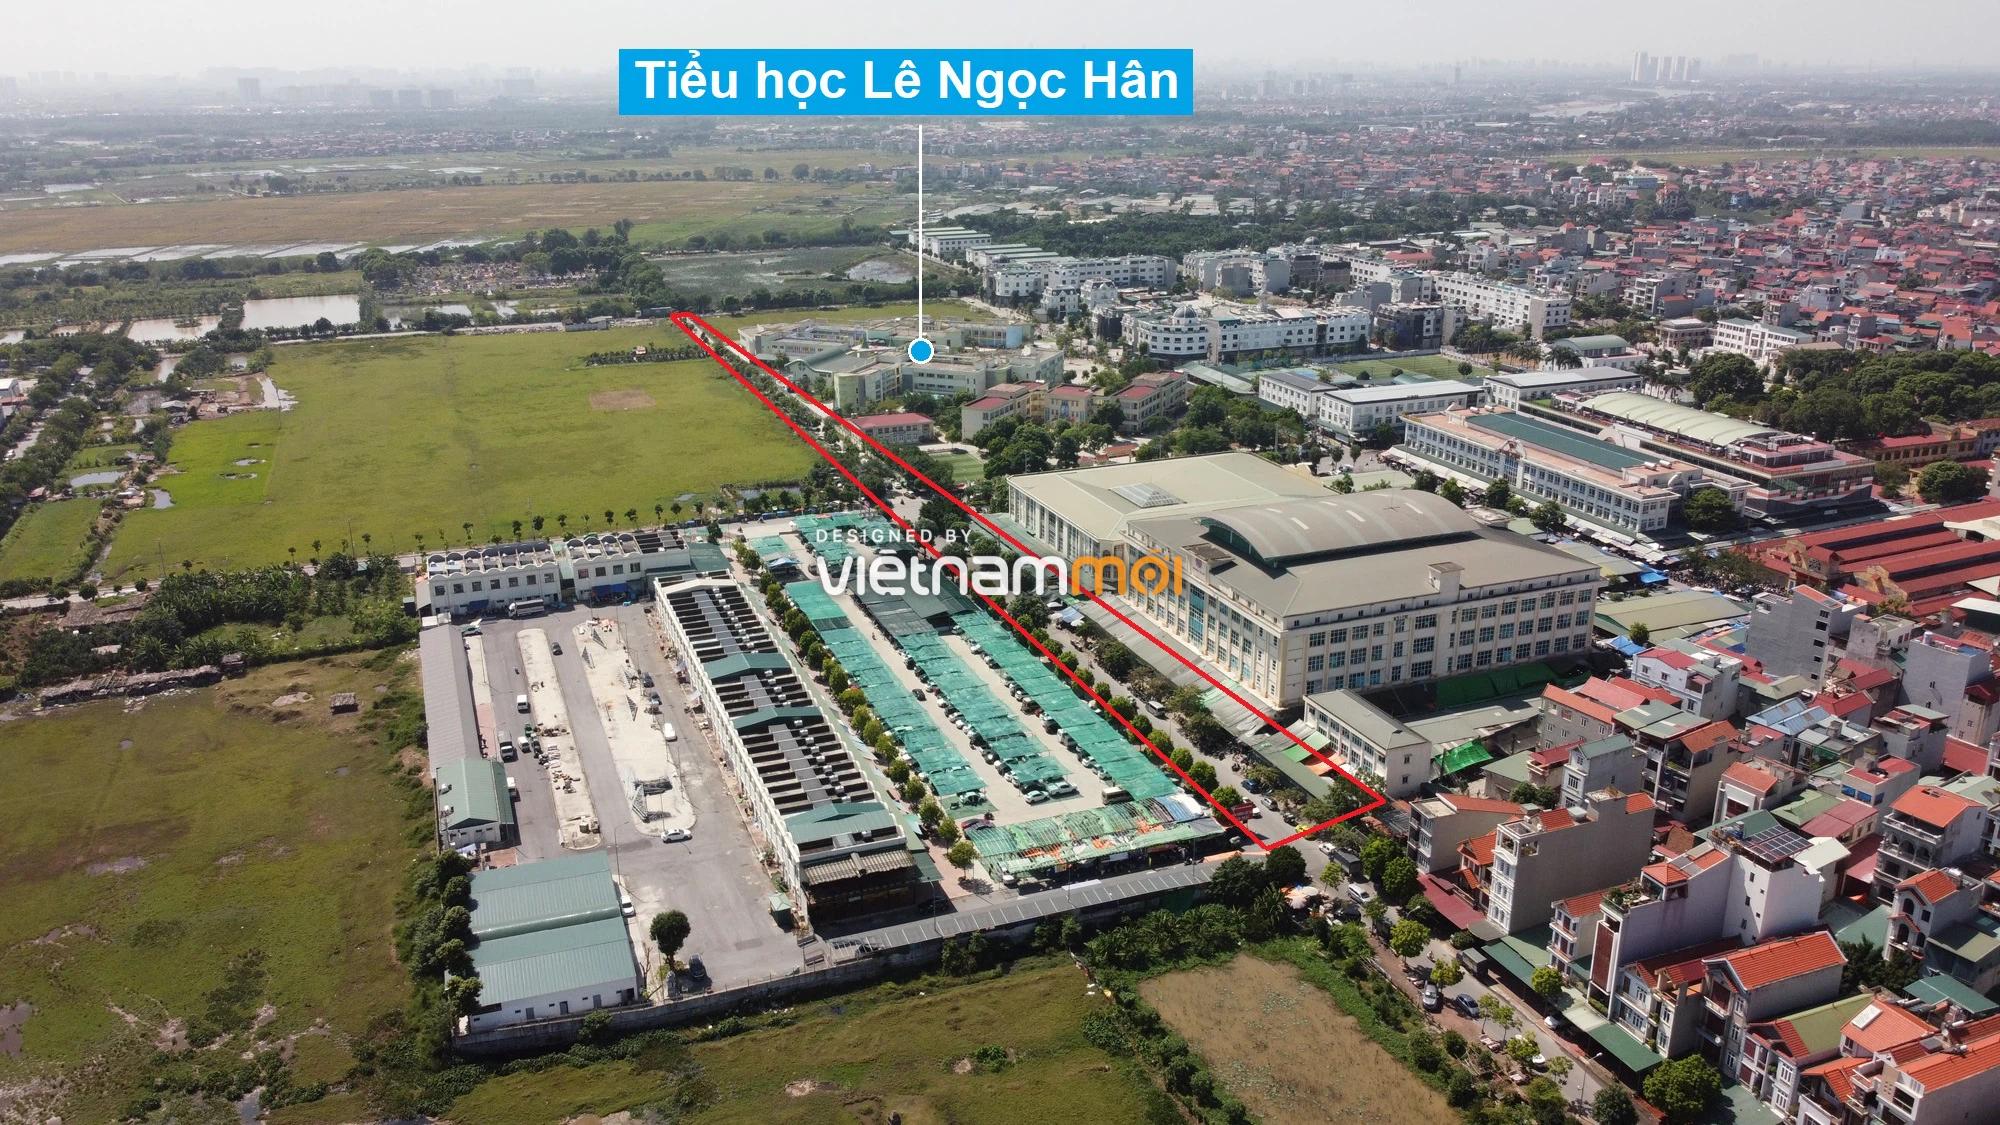 Những khu đất sắp thu hồi để mở đường ở huyện Gia Lâm, Hà Nội (phần 1) - Ảnh 18.